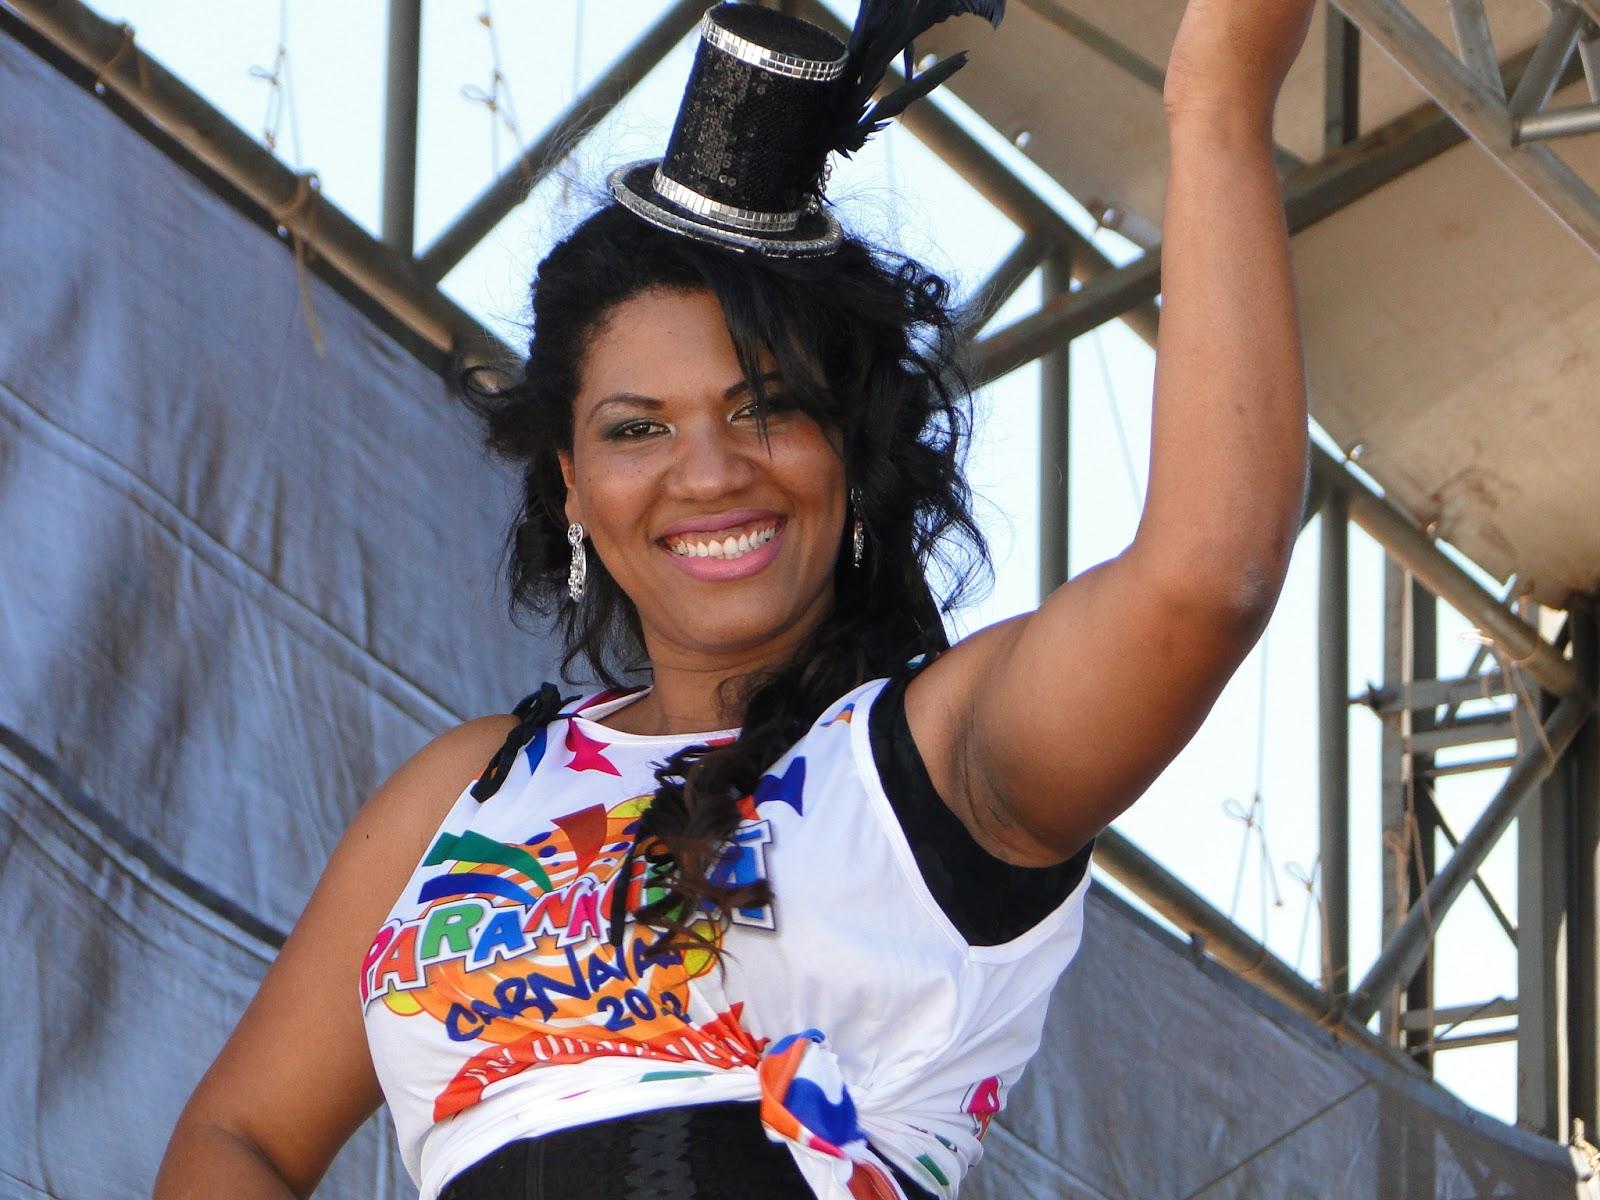 781868daef34 Viviane Vieira, já foi Rainha do Carnaval de Paranaguá e acumula vários  títulos na Folia de Momo